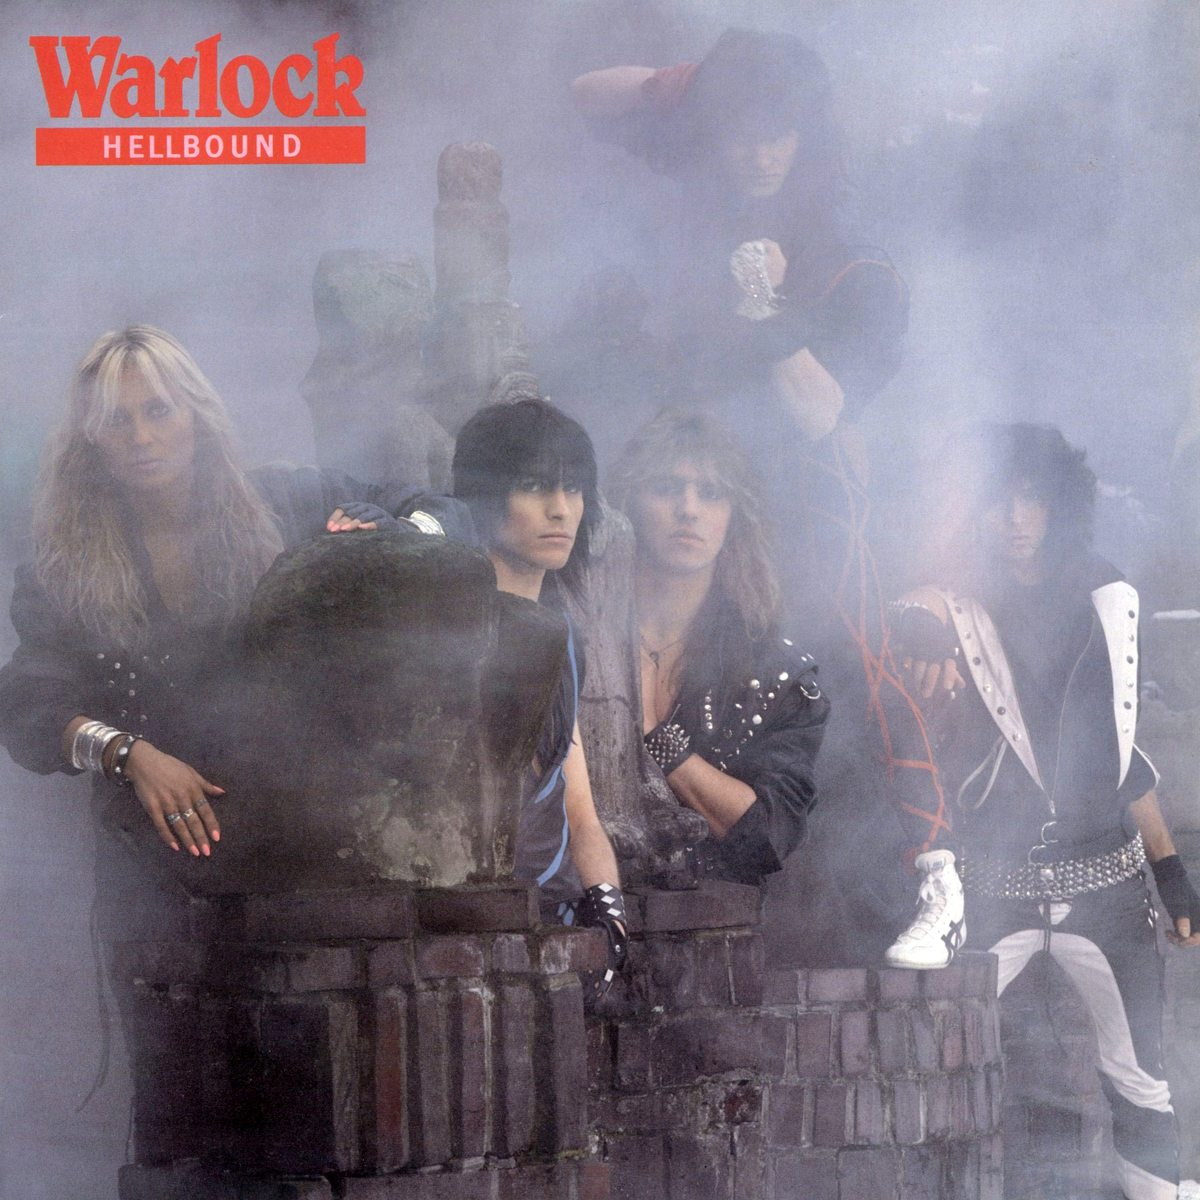 Warlock - Hellbound